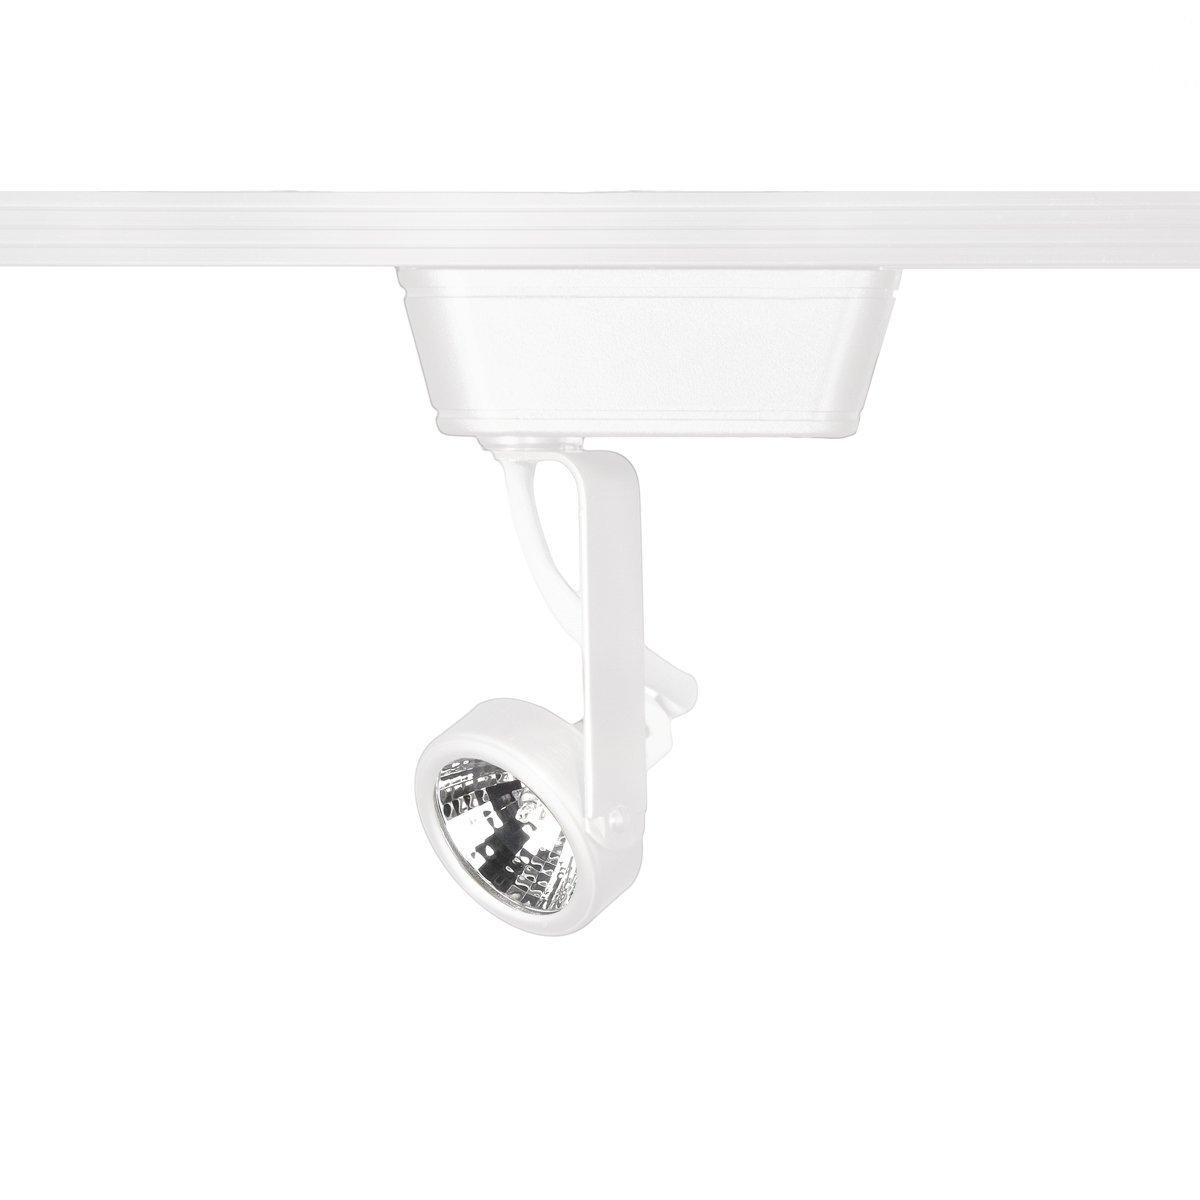 WAC Lighting LHT-180-WT L Series Low Voltage Track Head, 50W